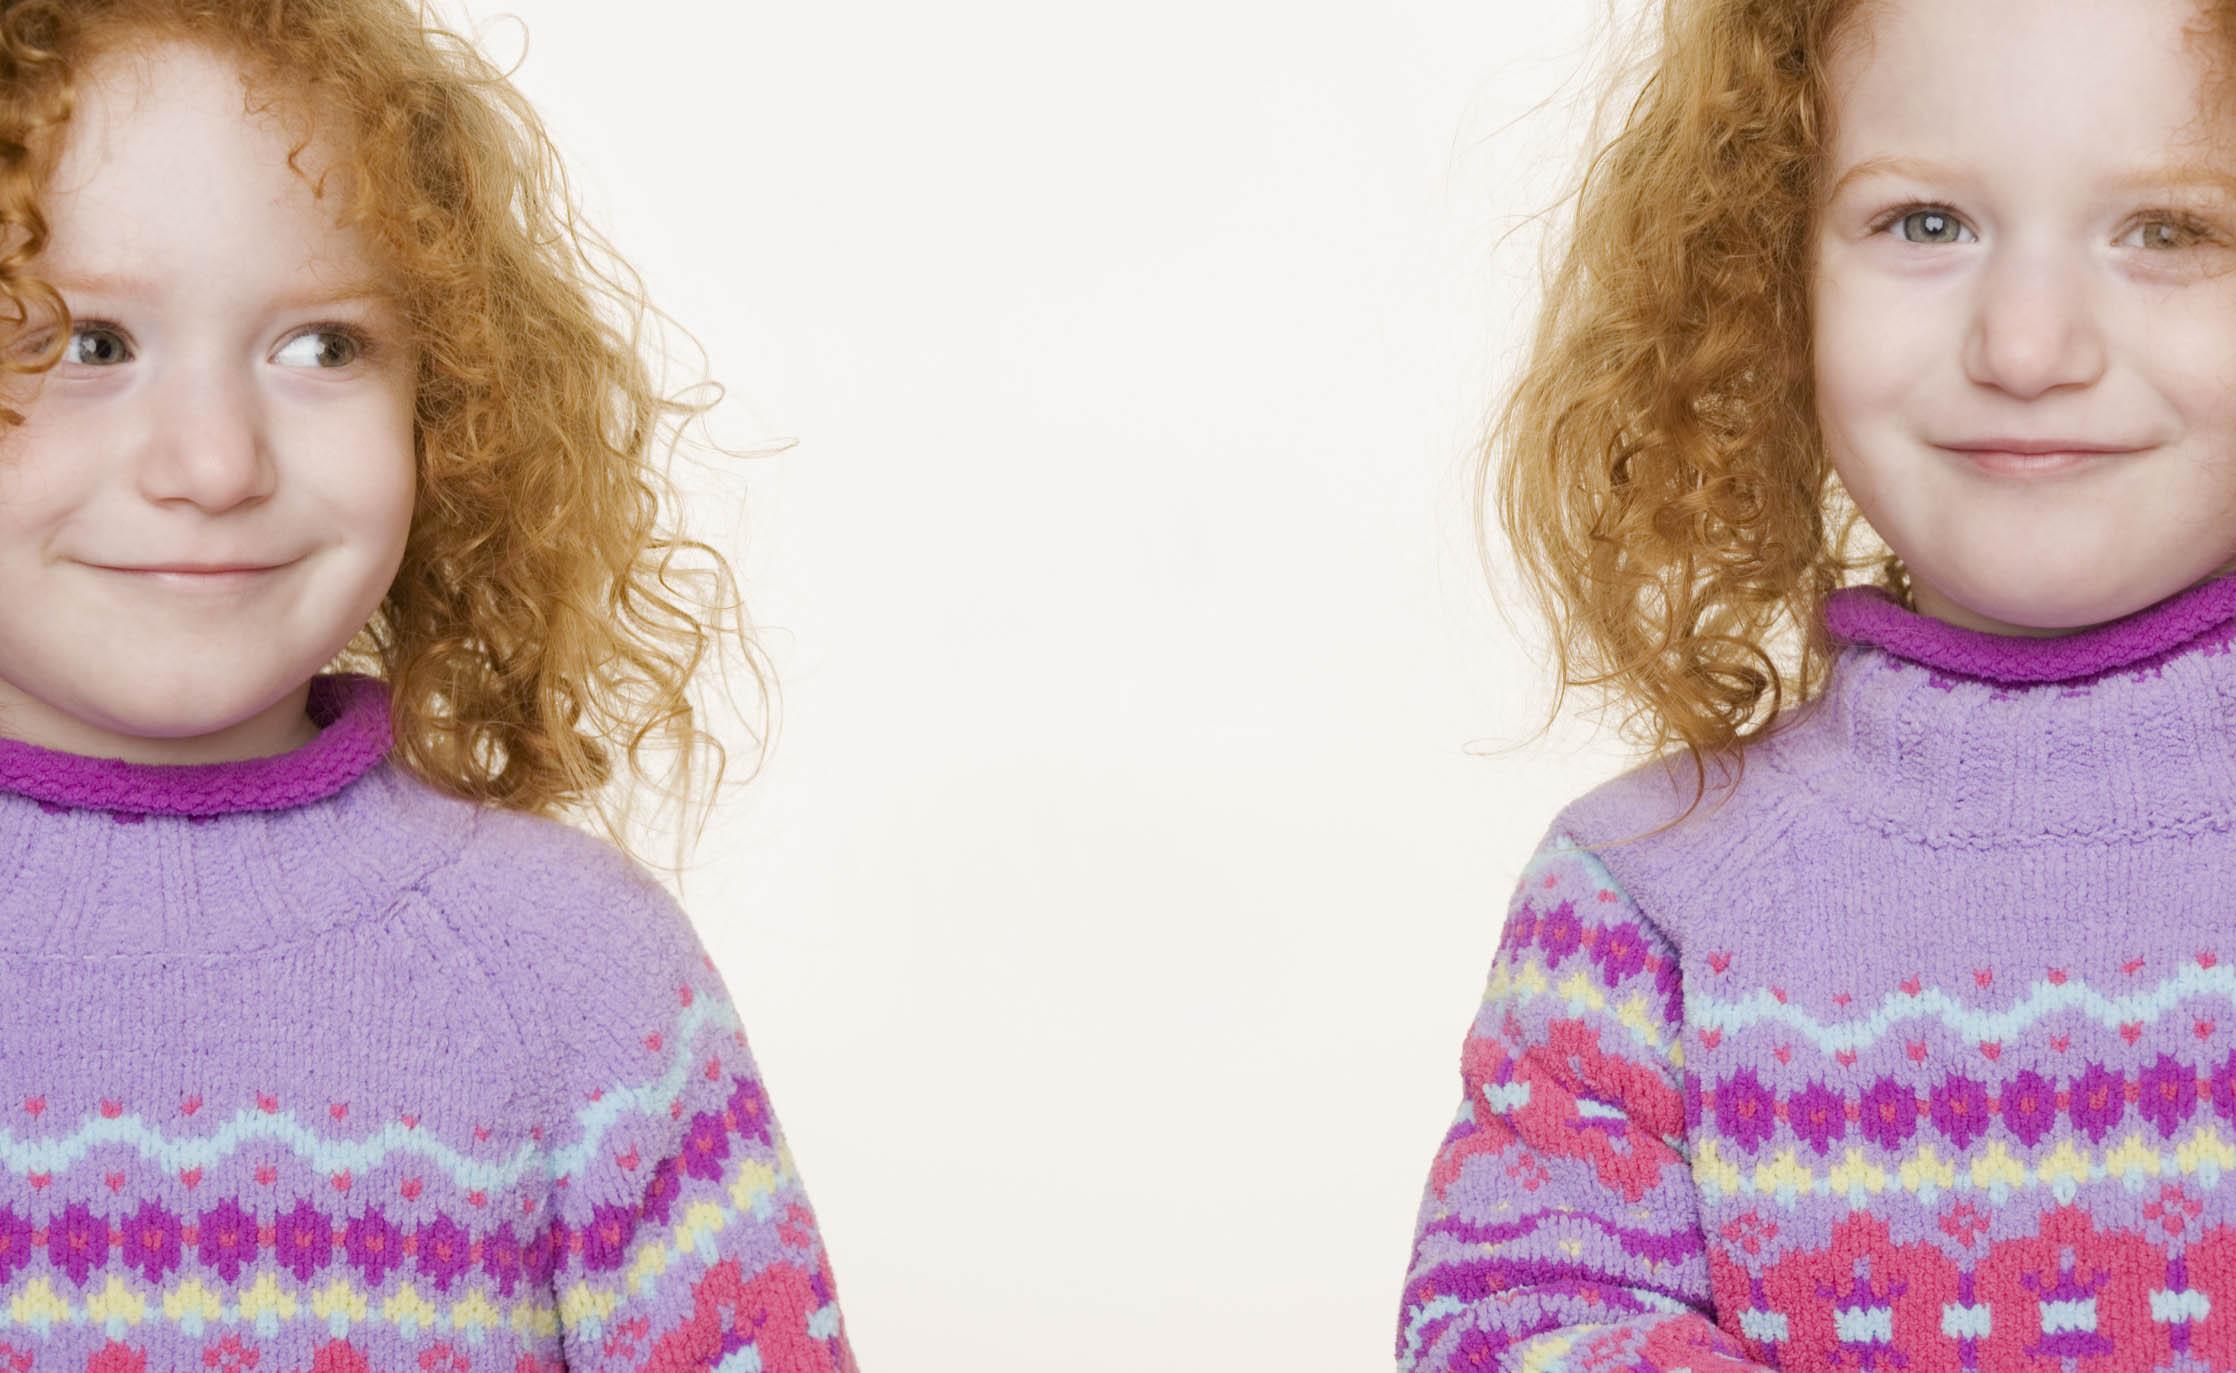 8 storie inquietanti di telepatia tra gemelli